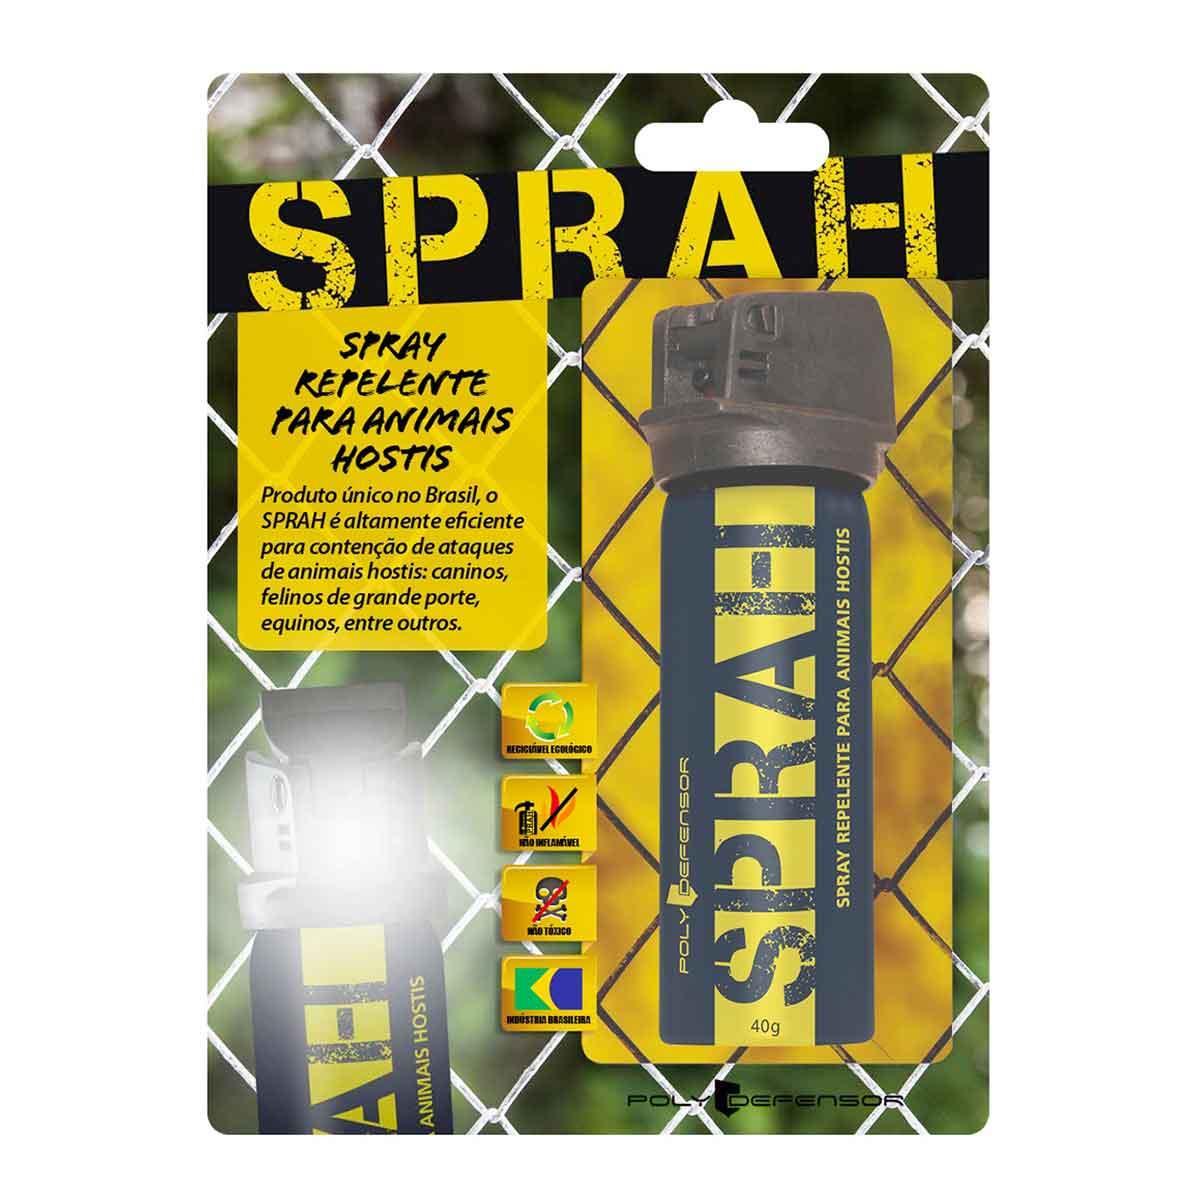 Spray Poly Defensor Repelente p/ Animais - 40g